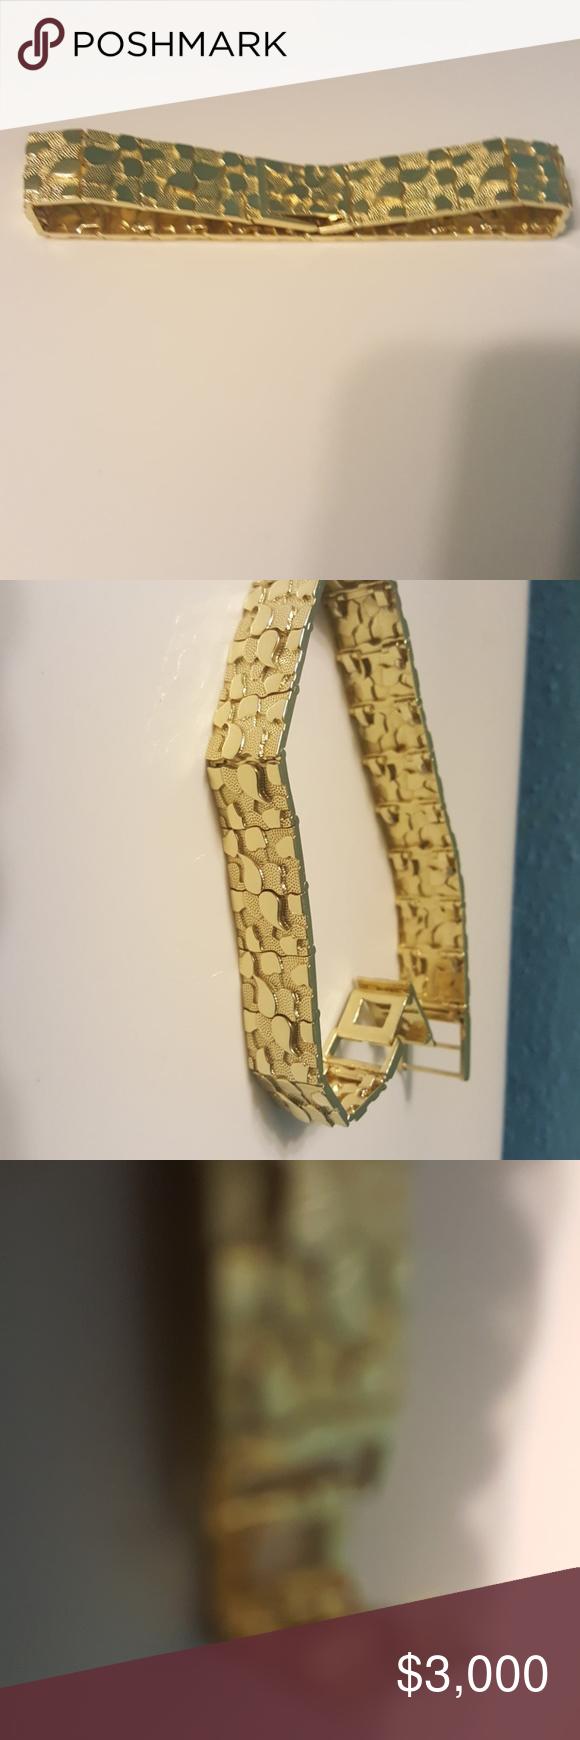 10 Karat Gold Nugget Bracelet Nugget Bracelet Gold Nugget Gold